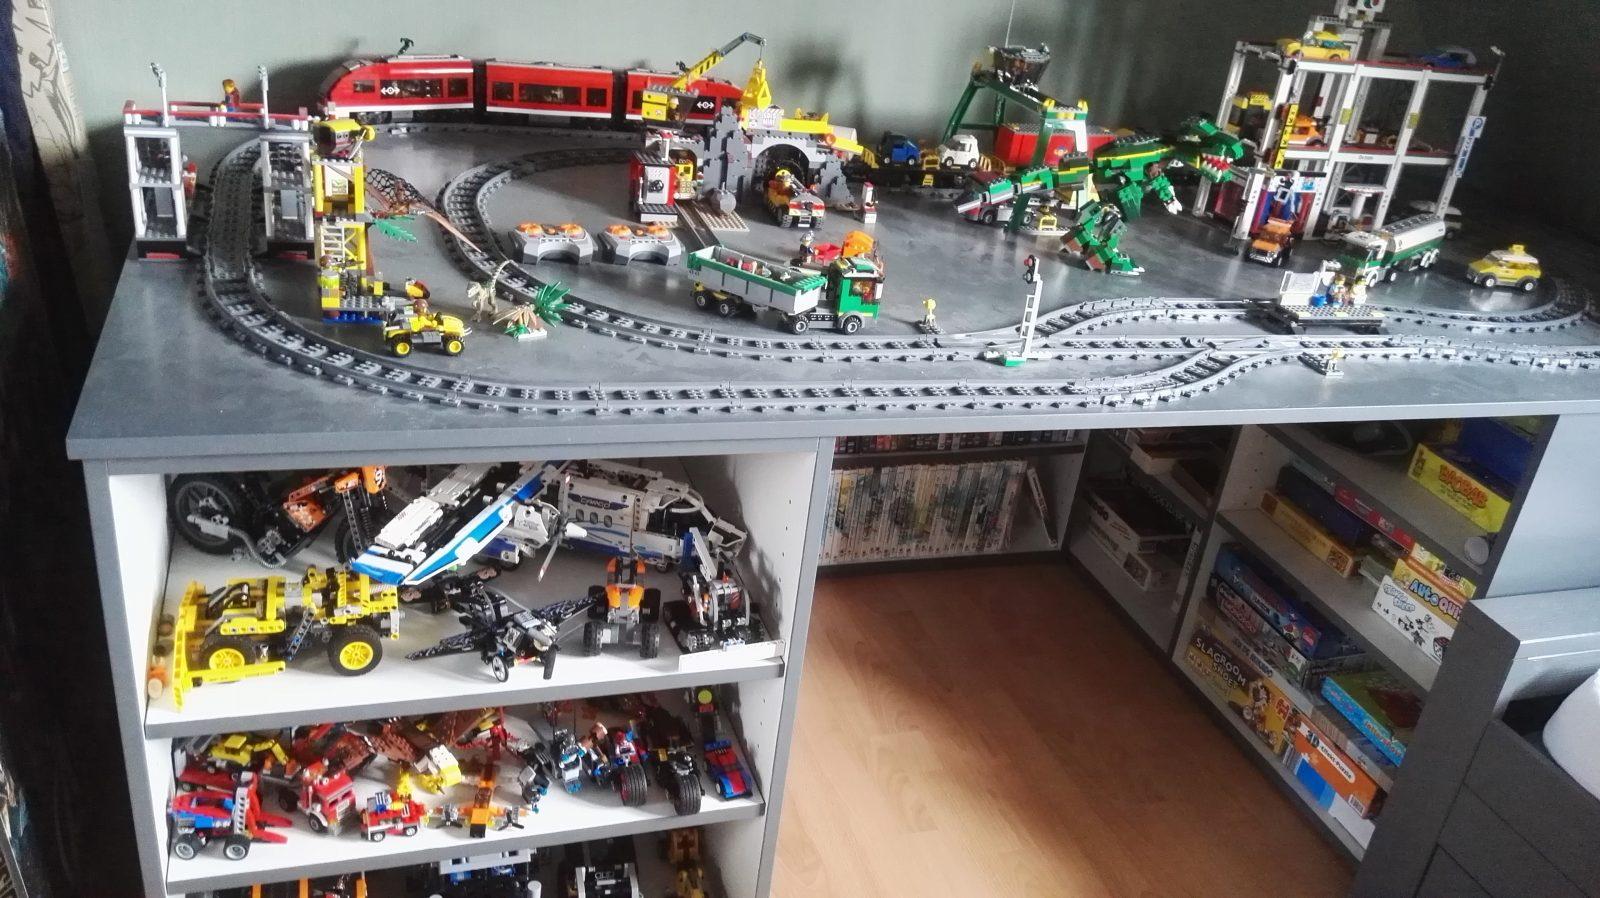 Slaapkamer met lego kindercollectie mooi noord holland